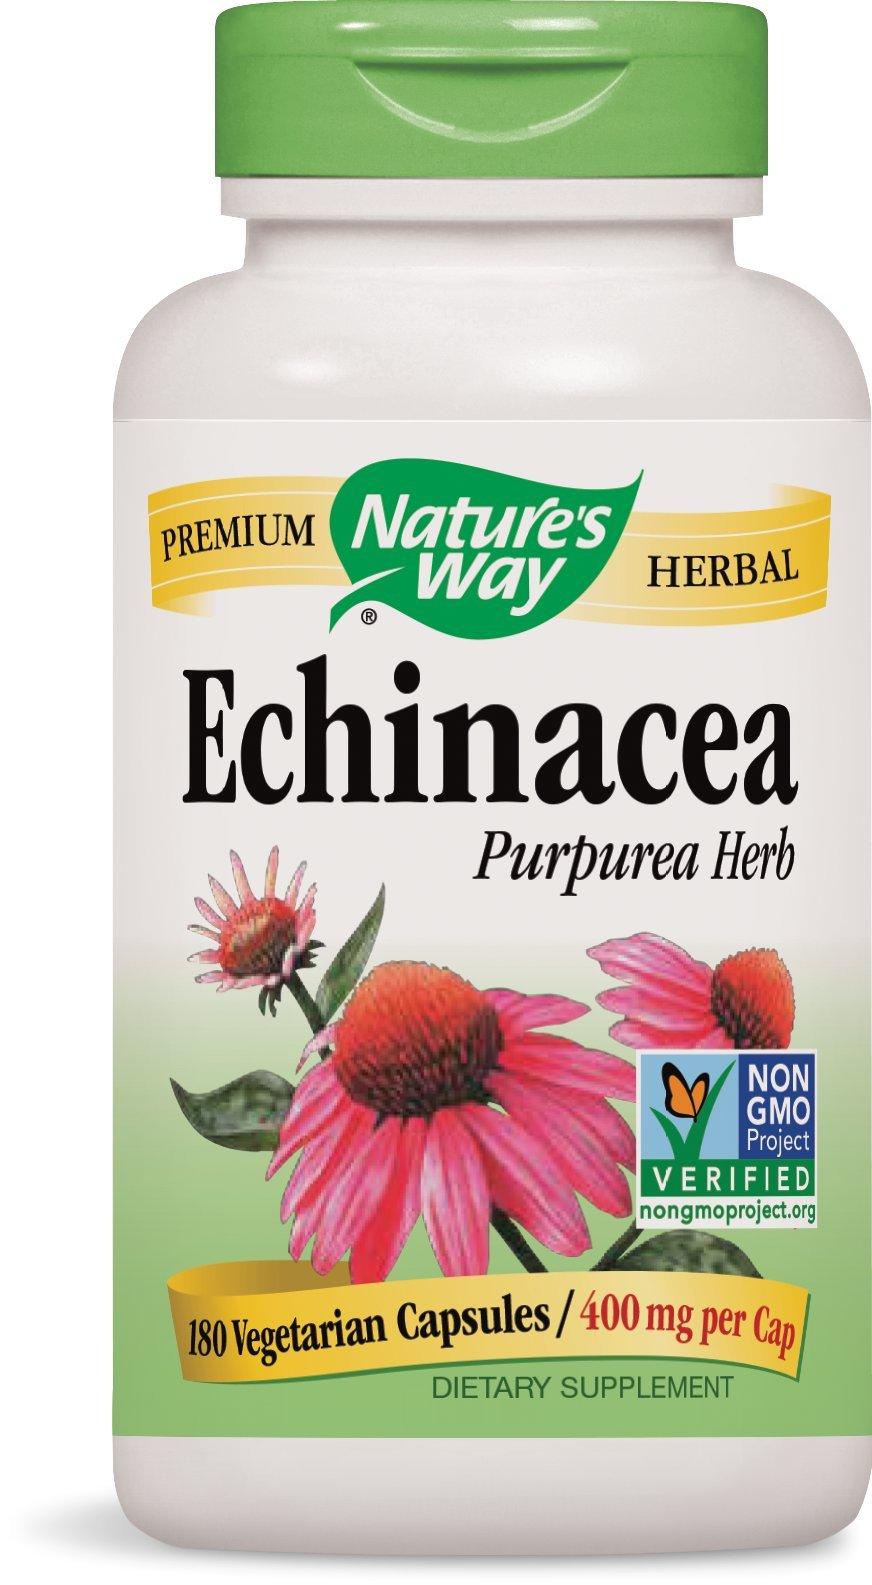 Nature's Way Echinacea Herb, 180 Capsules, 400 mg